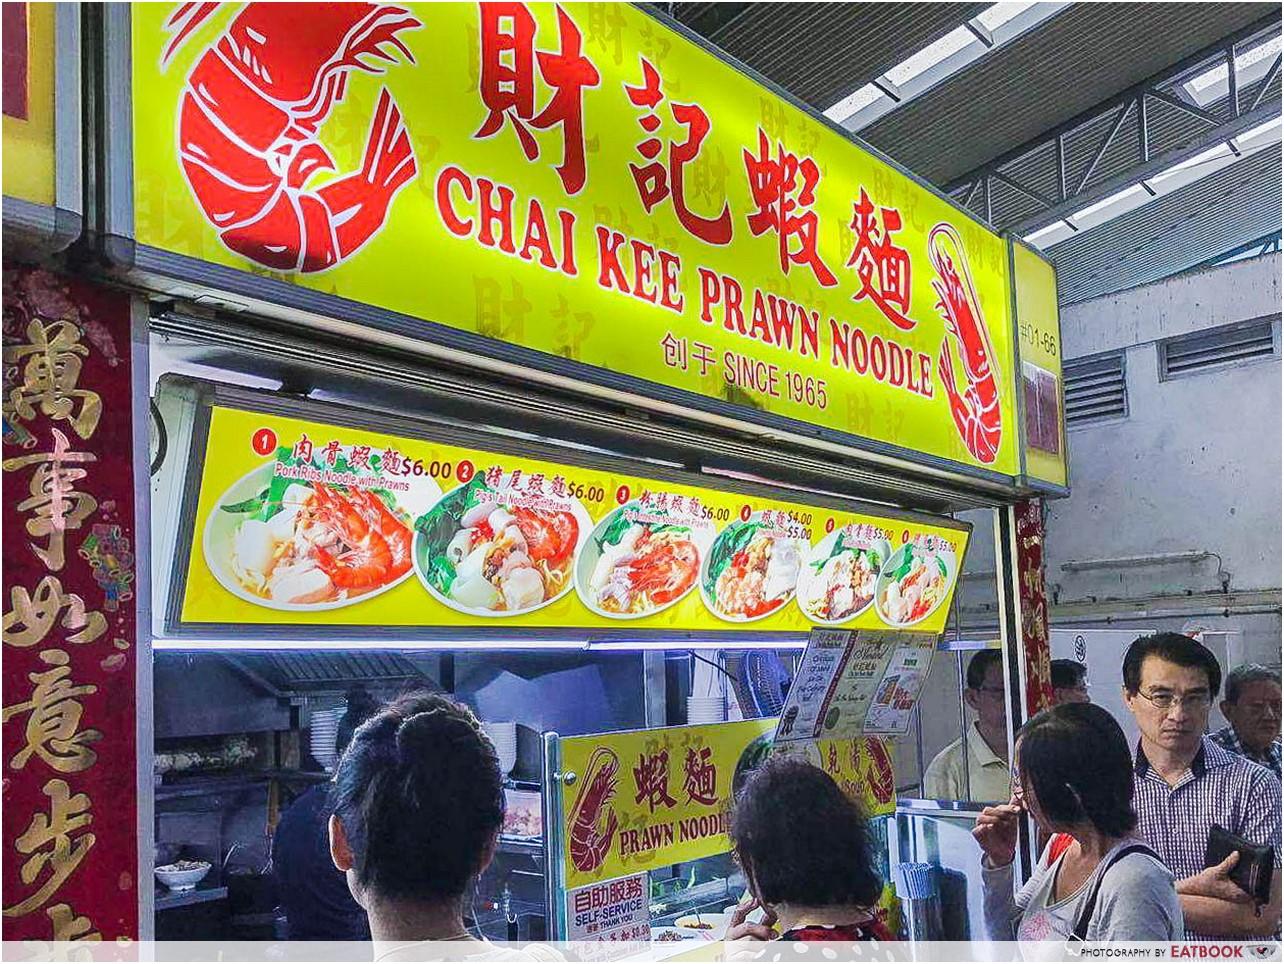 Kovan market - chai kee prawn noodles